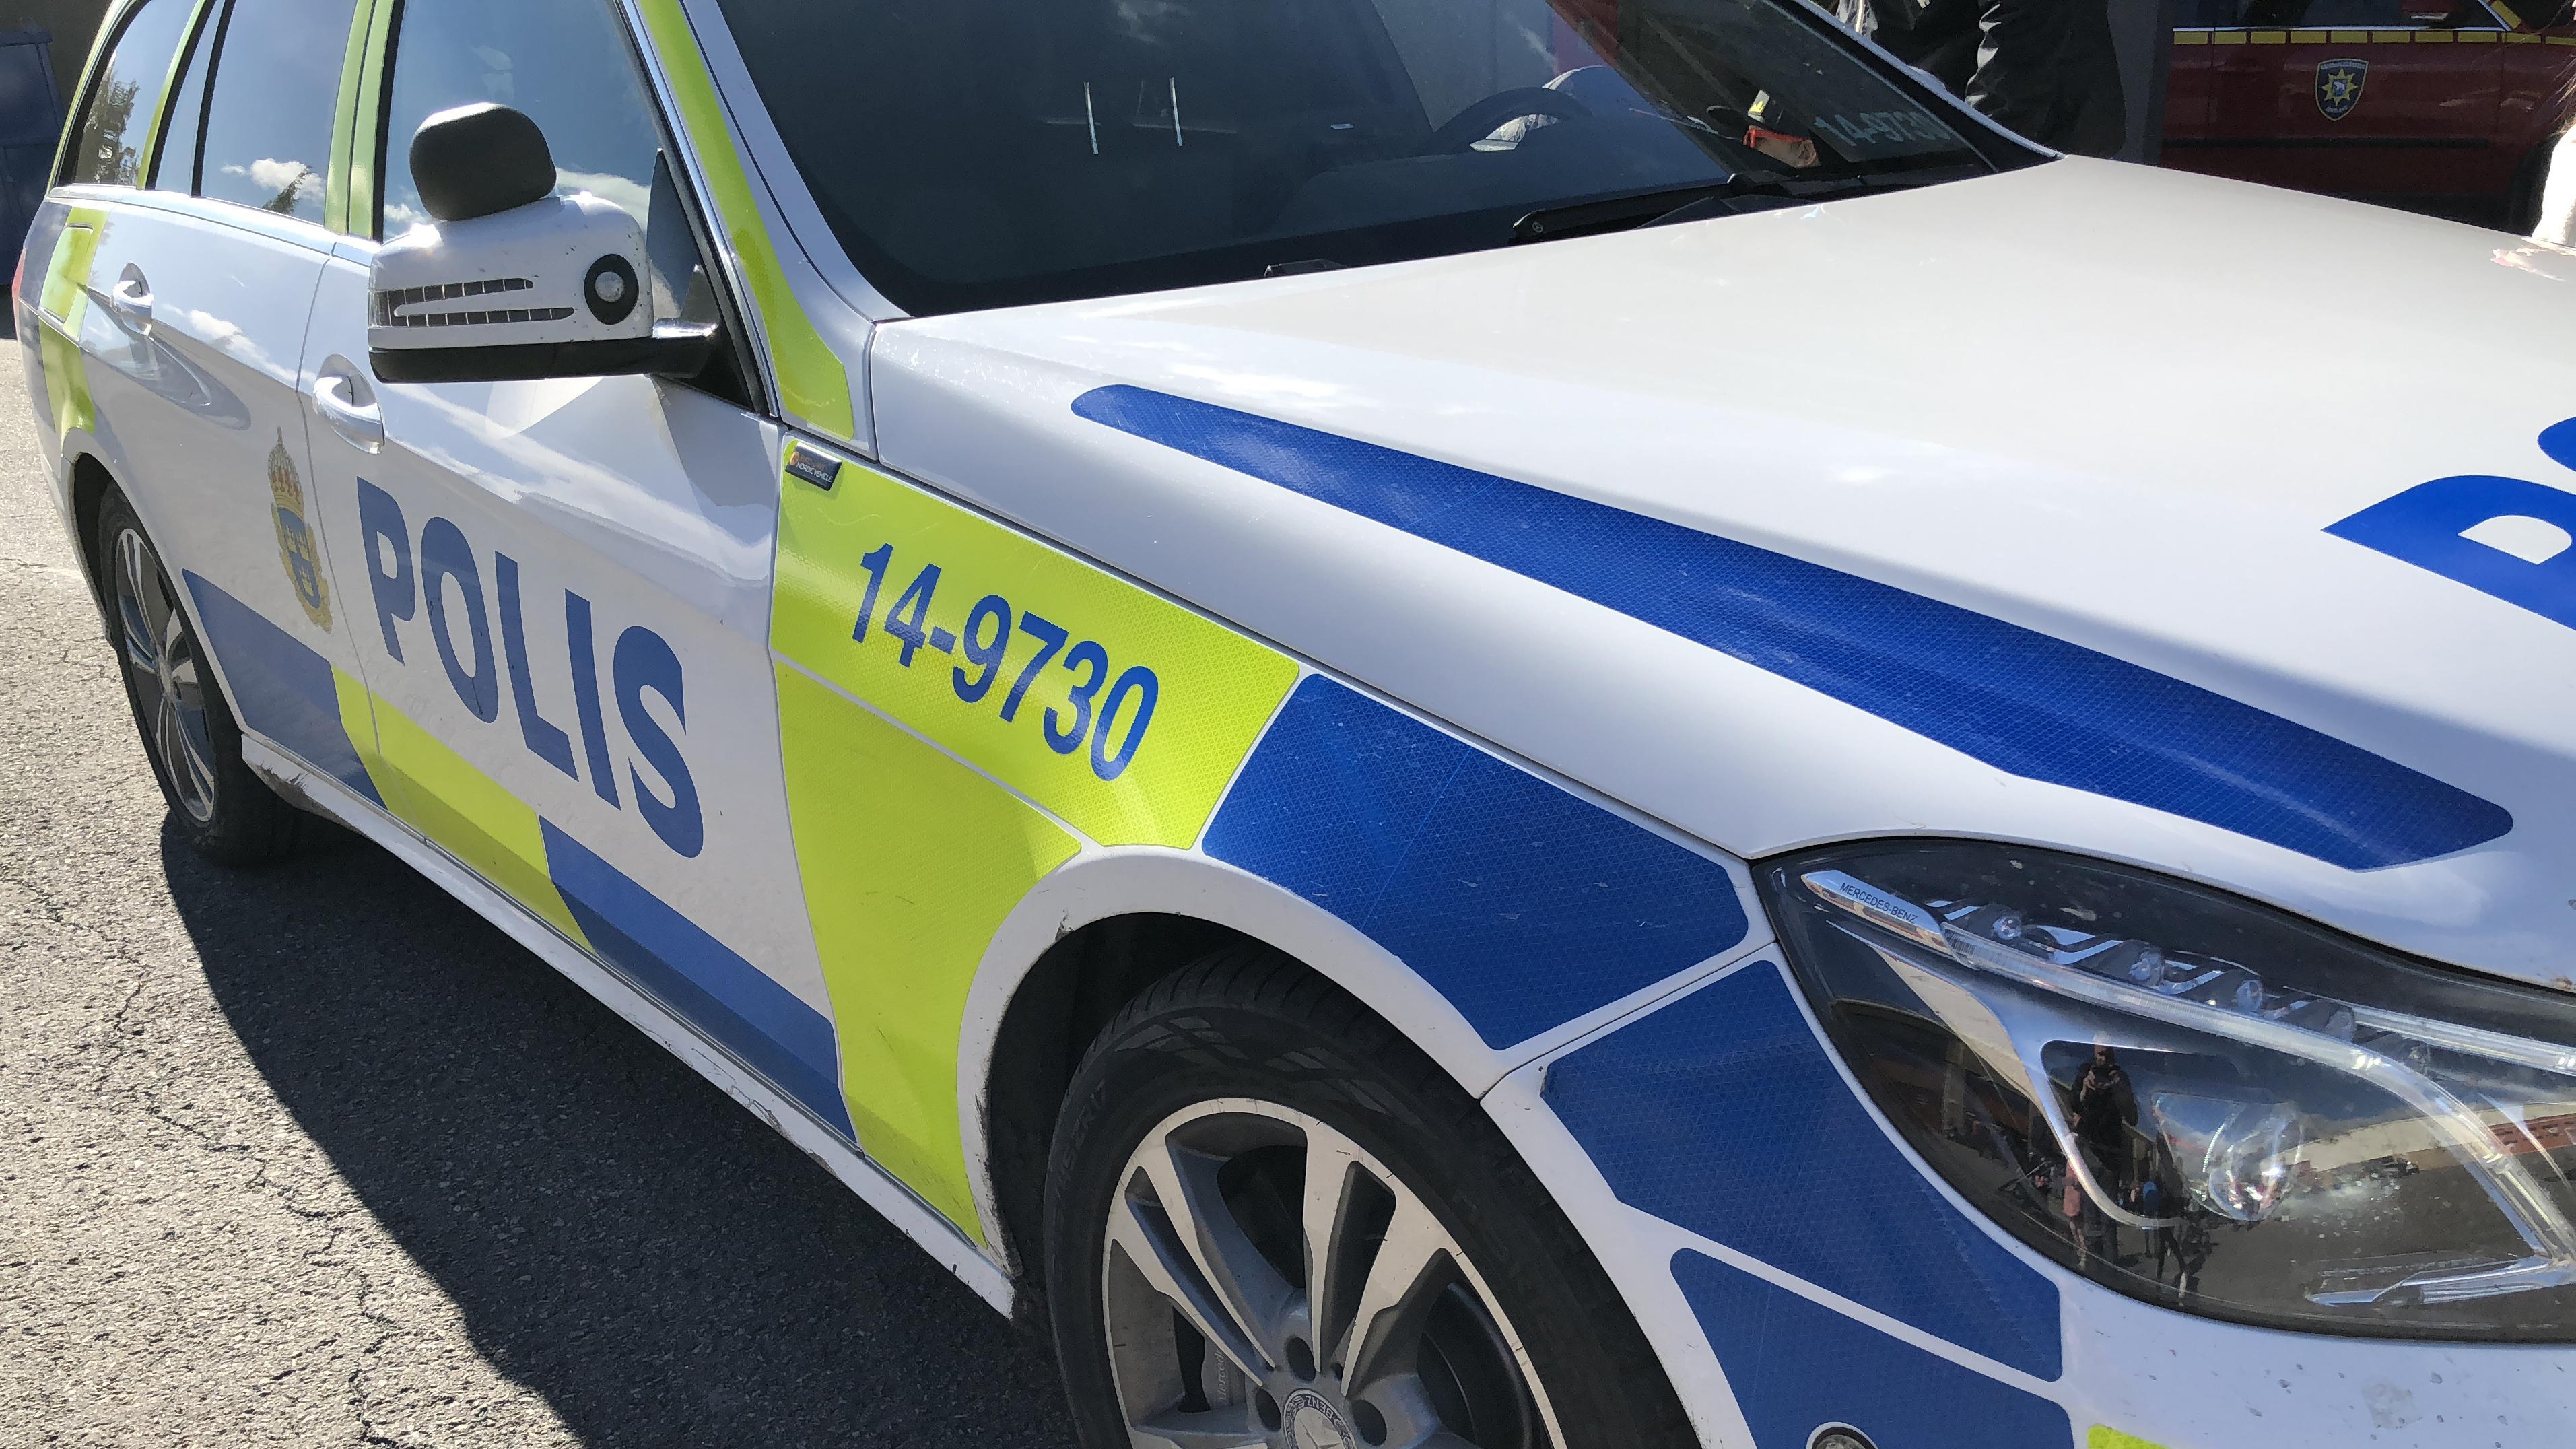 Företagare i Kälarne drabbade av inbrott – tjuvar slog till mot tre lastbilar